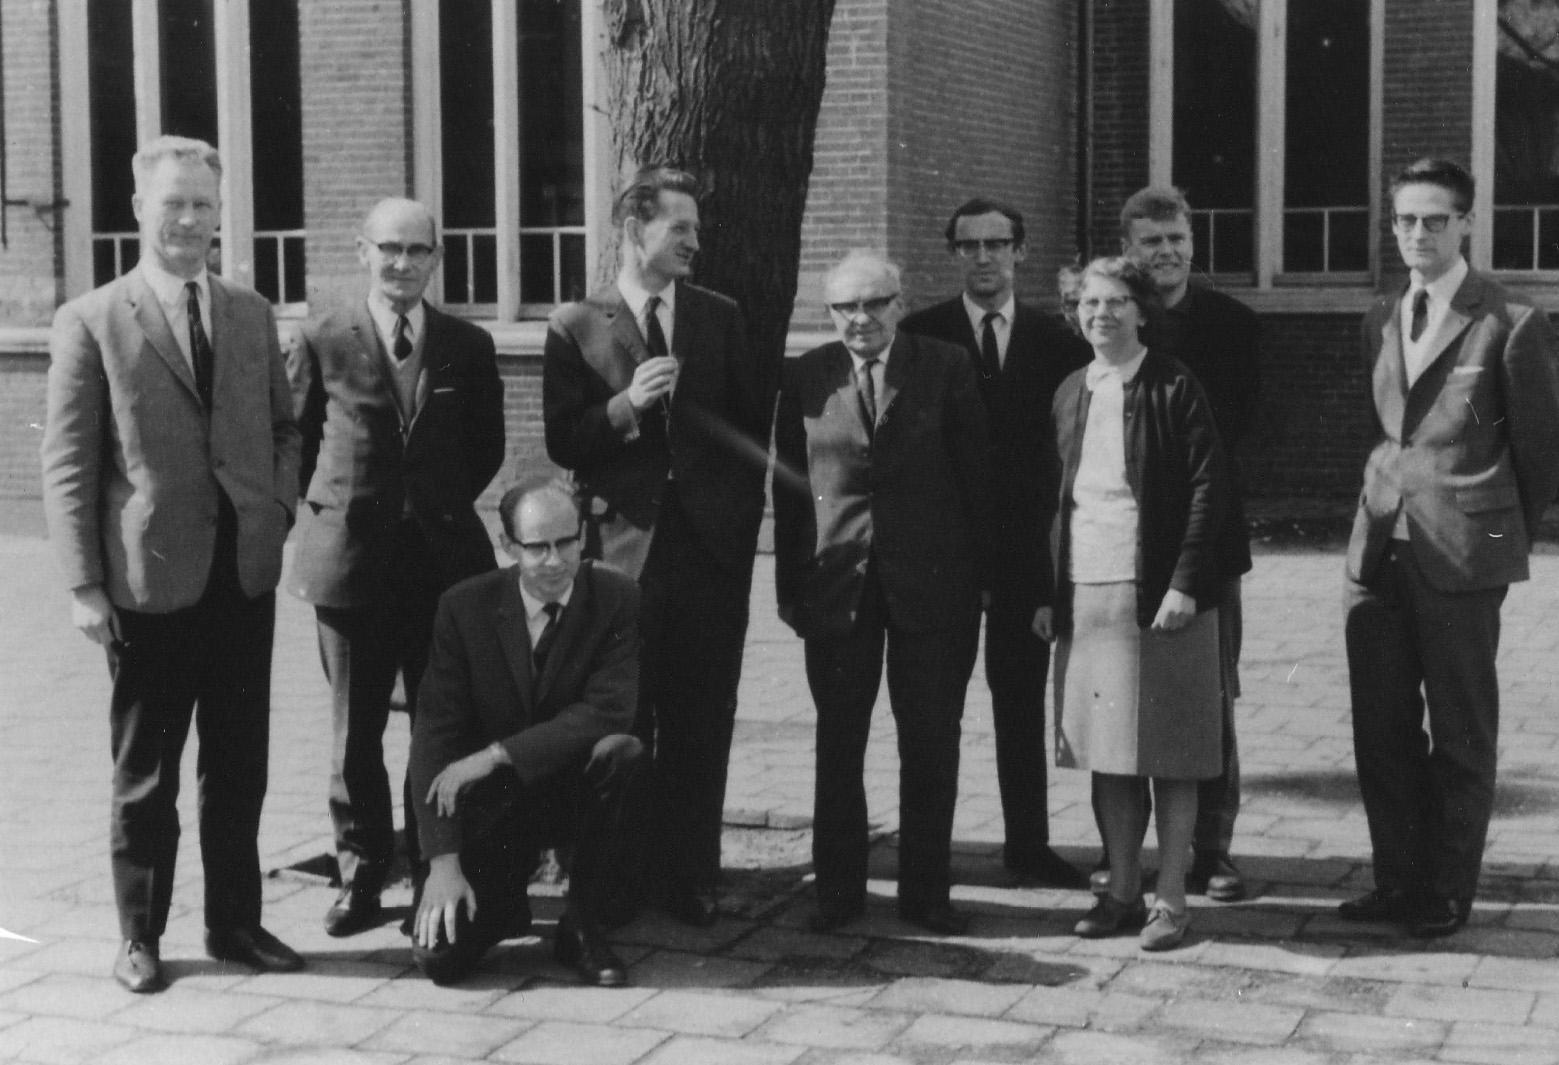 ca1970 Onderwijzers voor de Michaelschool aan de Nieuwstraat